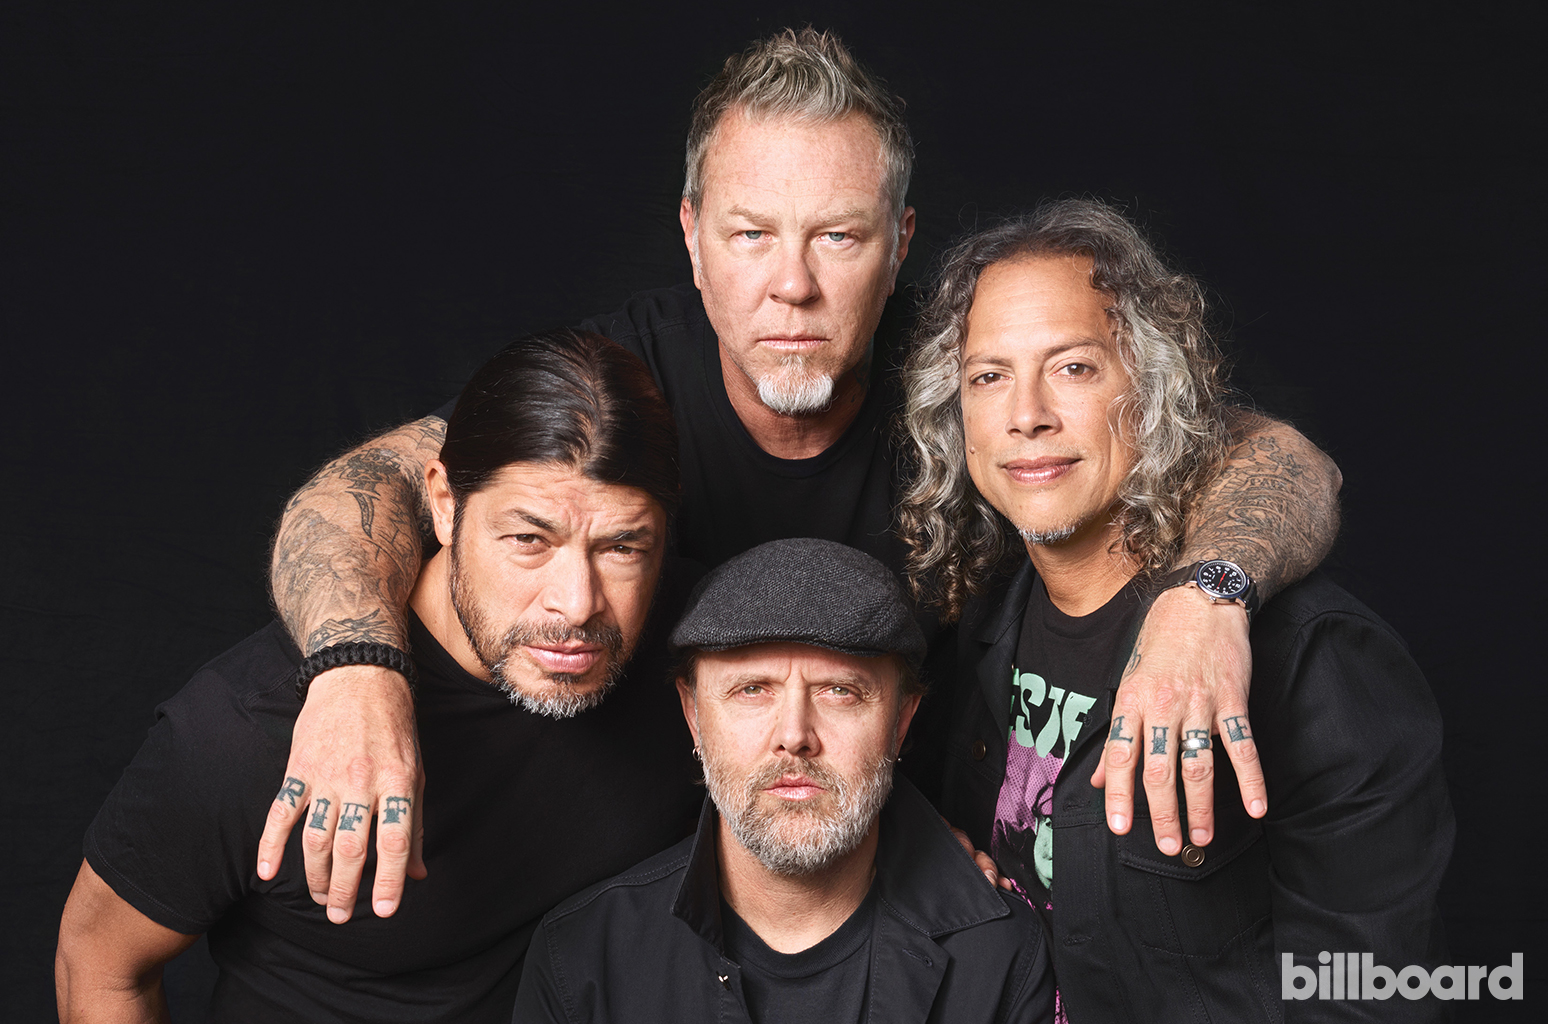 BB29-FEA-Metallica-s4d-2016-billboard-1548.jpg